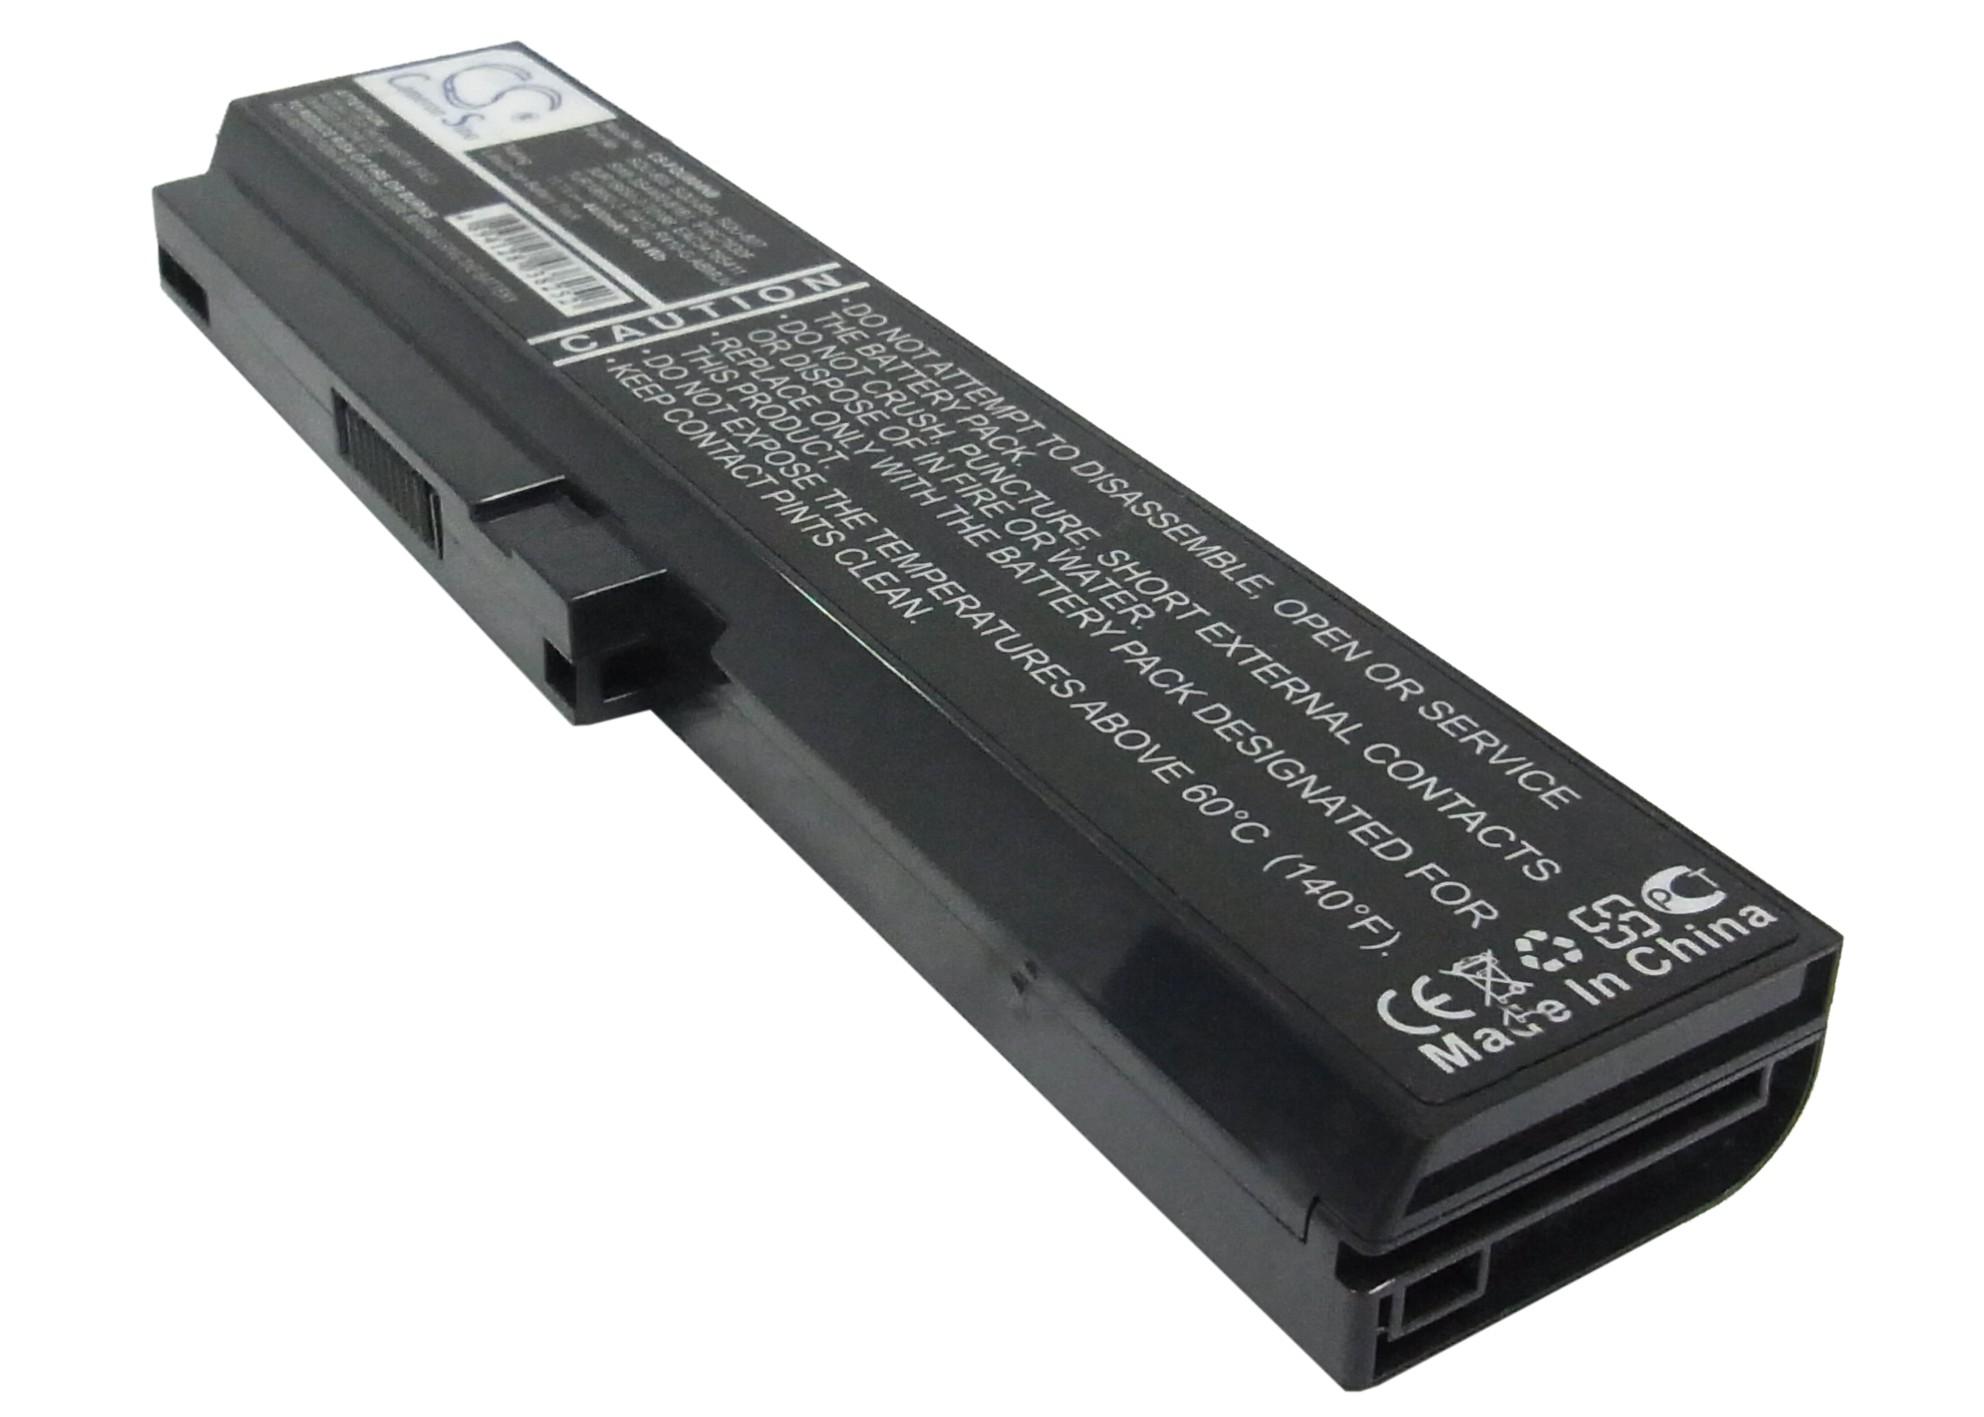 Cameron Sino baterie do notebooků pro LG E210-M.CP29B 11.1V Li-ion 4400mAh černá - neoriginální